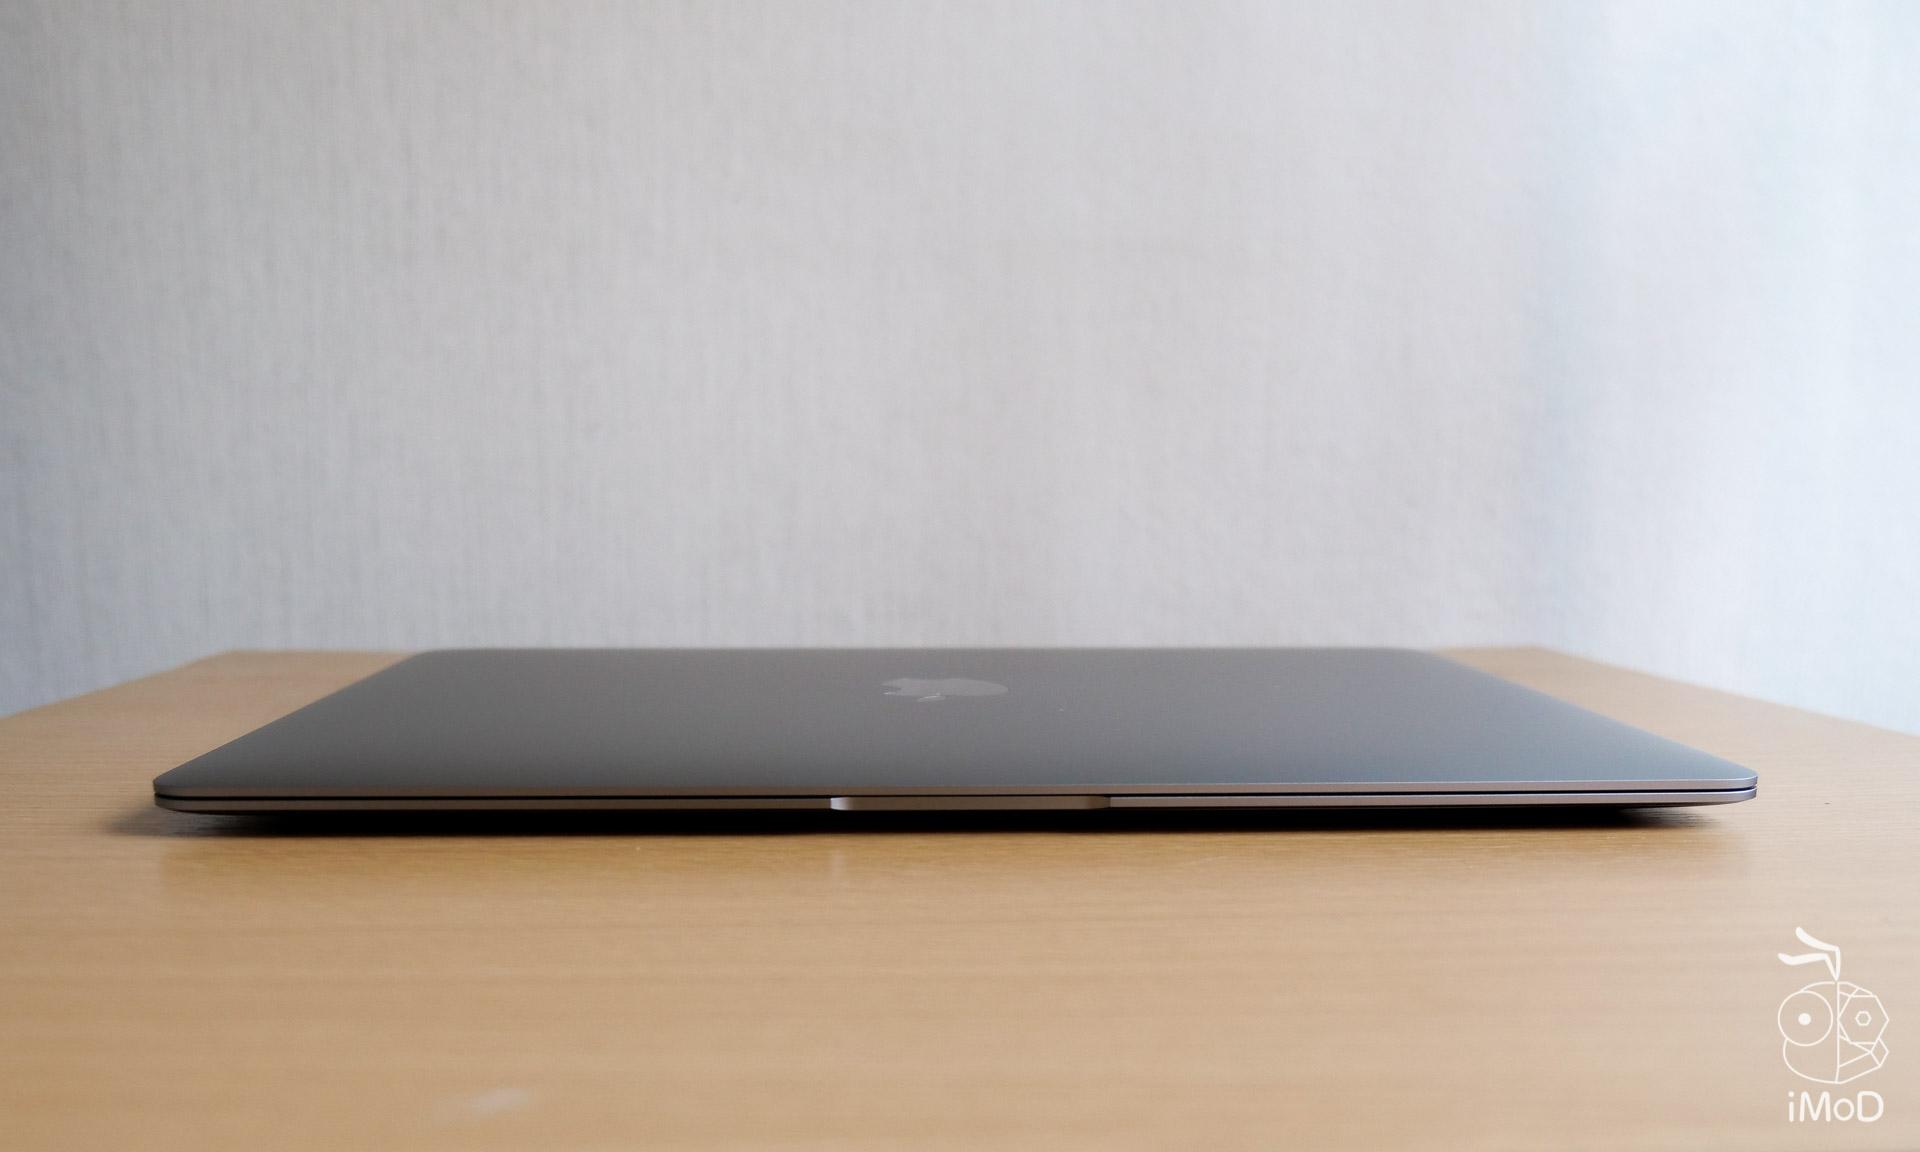 Macbook Air 2108 Review 1222777